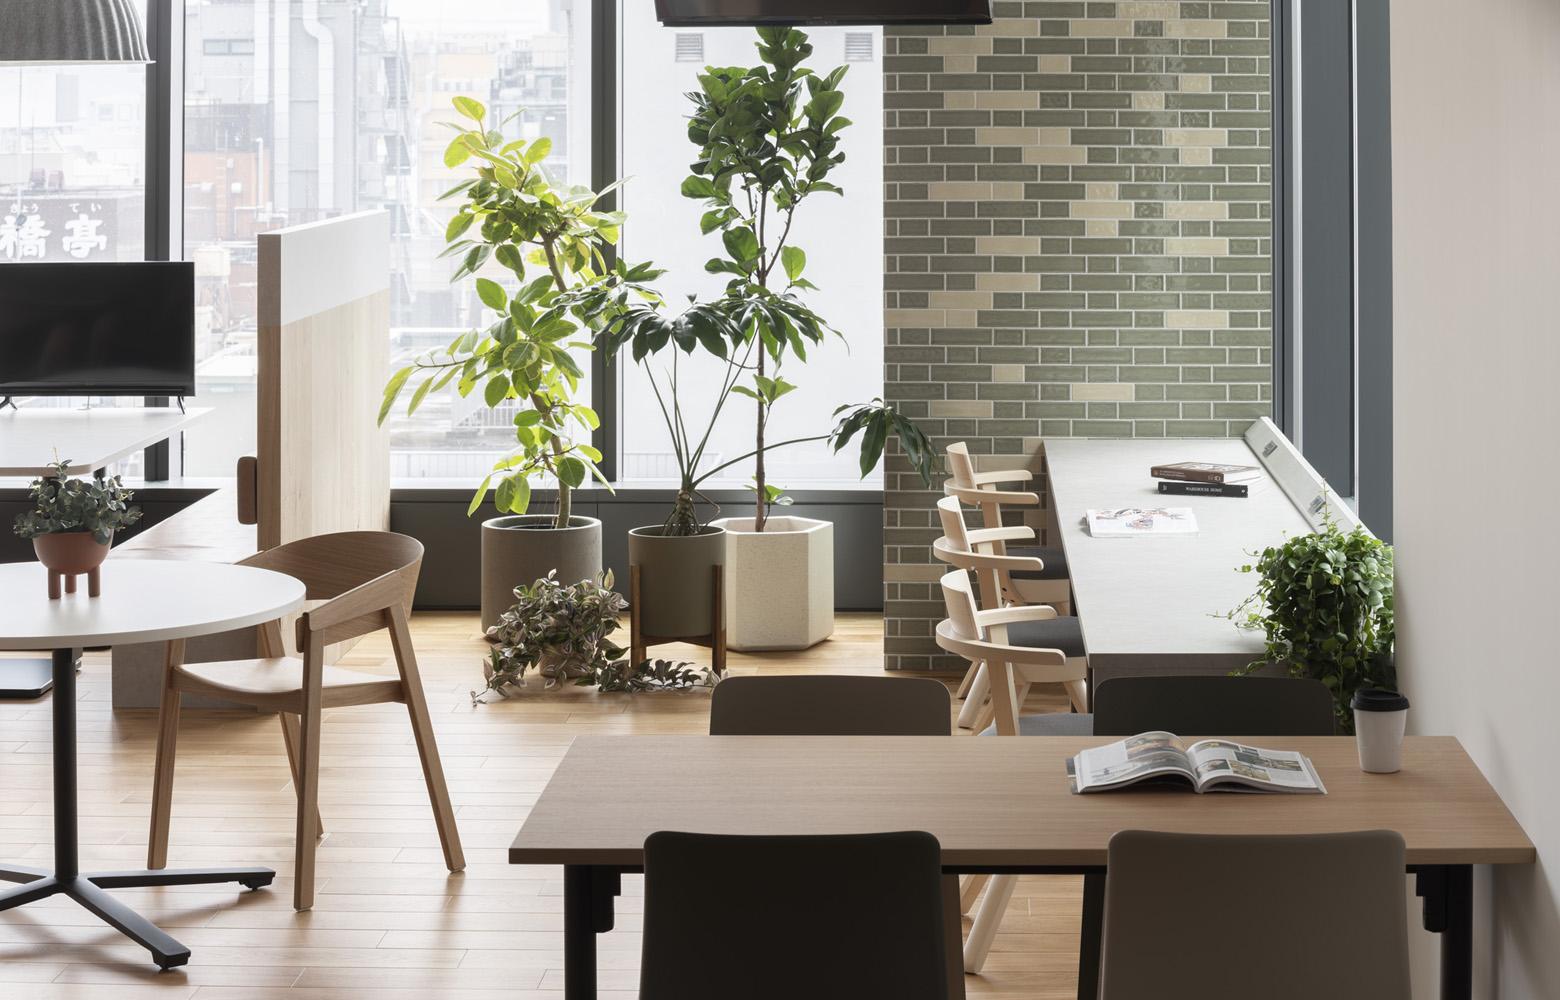 東洋アルミニウム株式会社 Work Lounge_3 デザイン・レイアウト事例